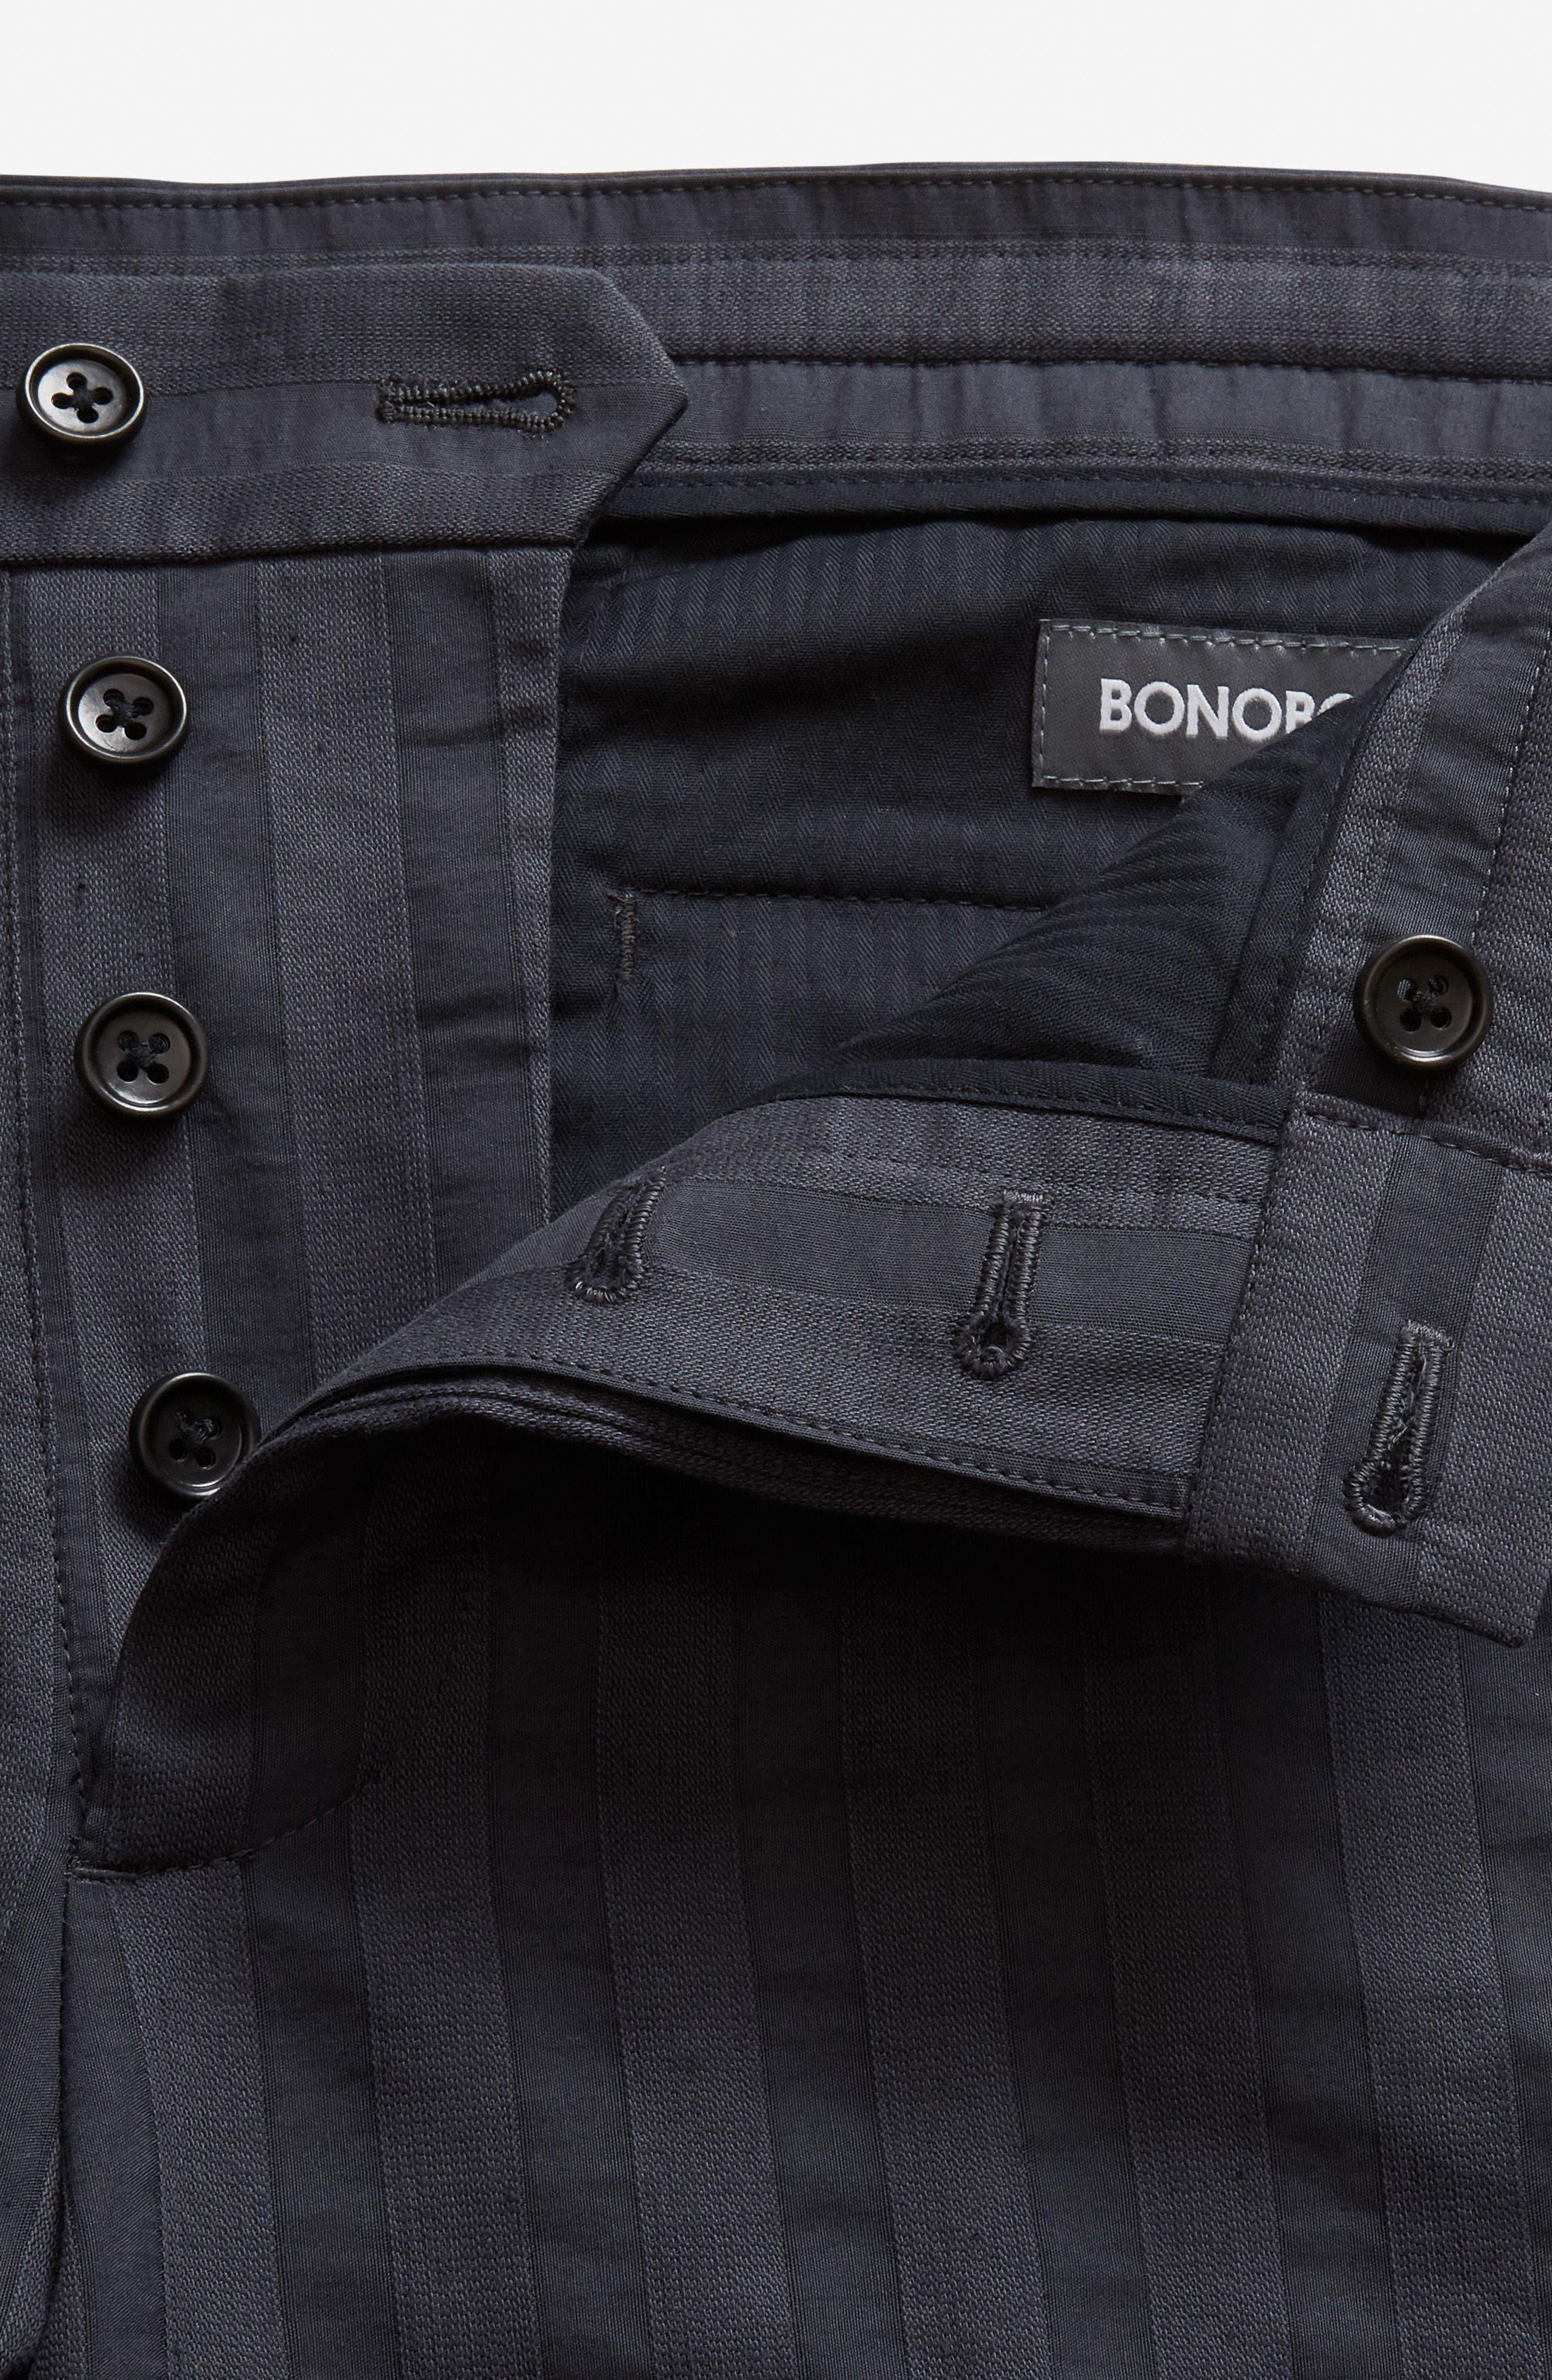 Flat Front Cotton & Linen Blend Trousers,                             Alternate thumbnail 3, color,                             004